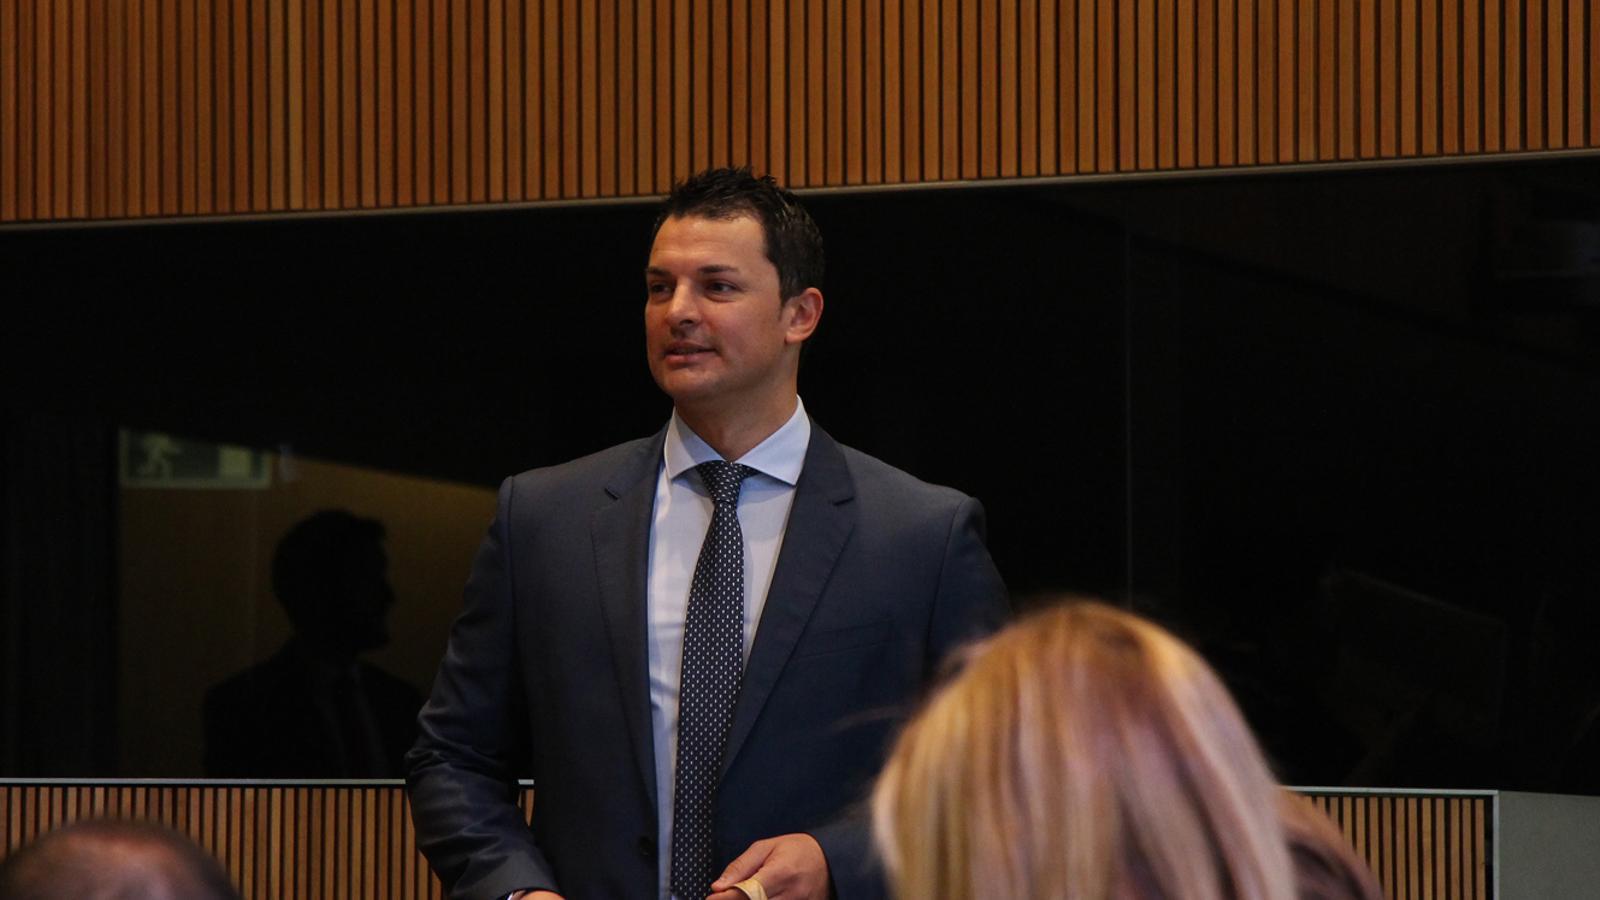 El president del grup parlamentari liberal, Jordi Gallardo. / M. F. (ANA)